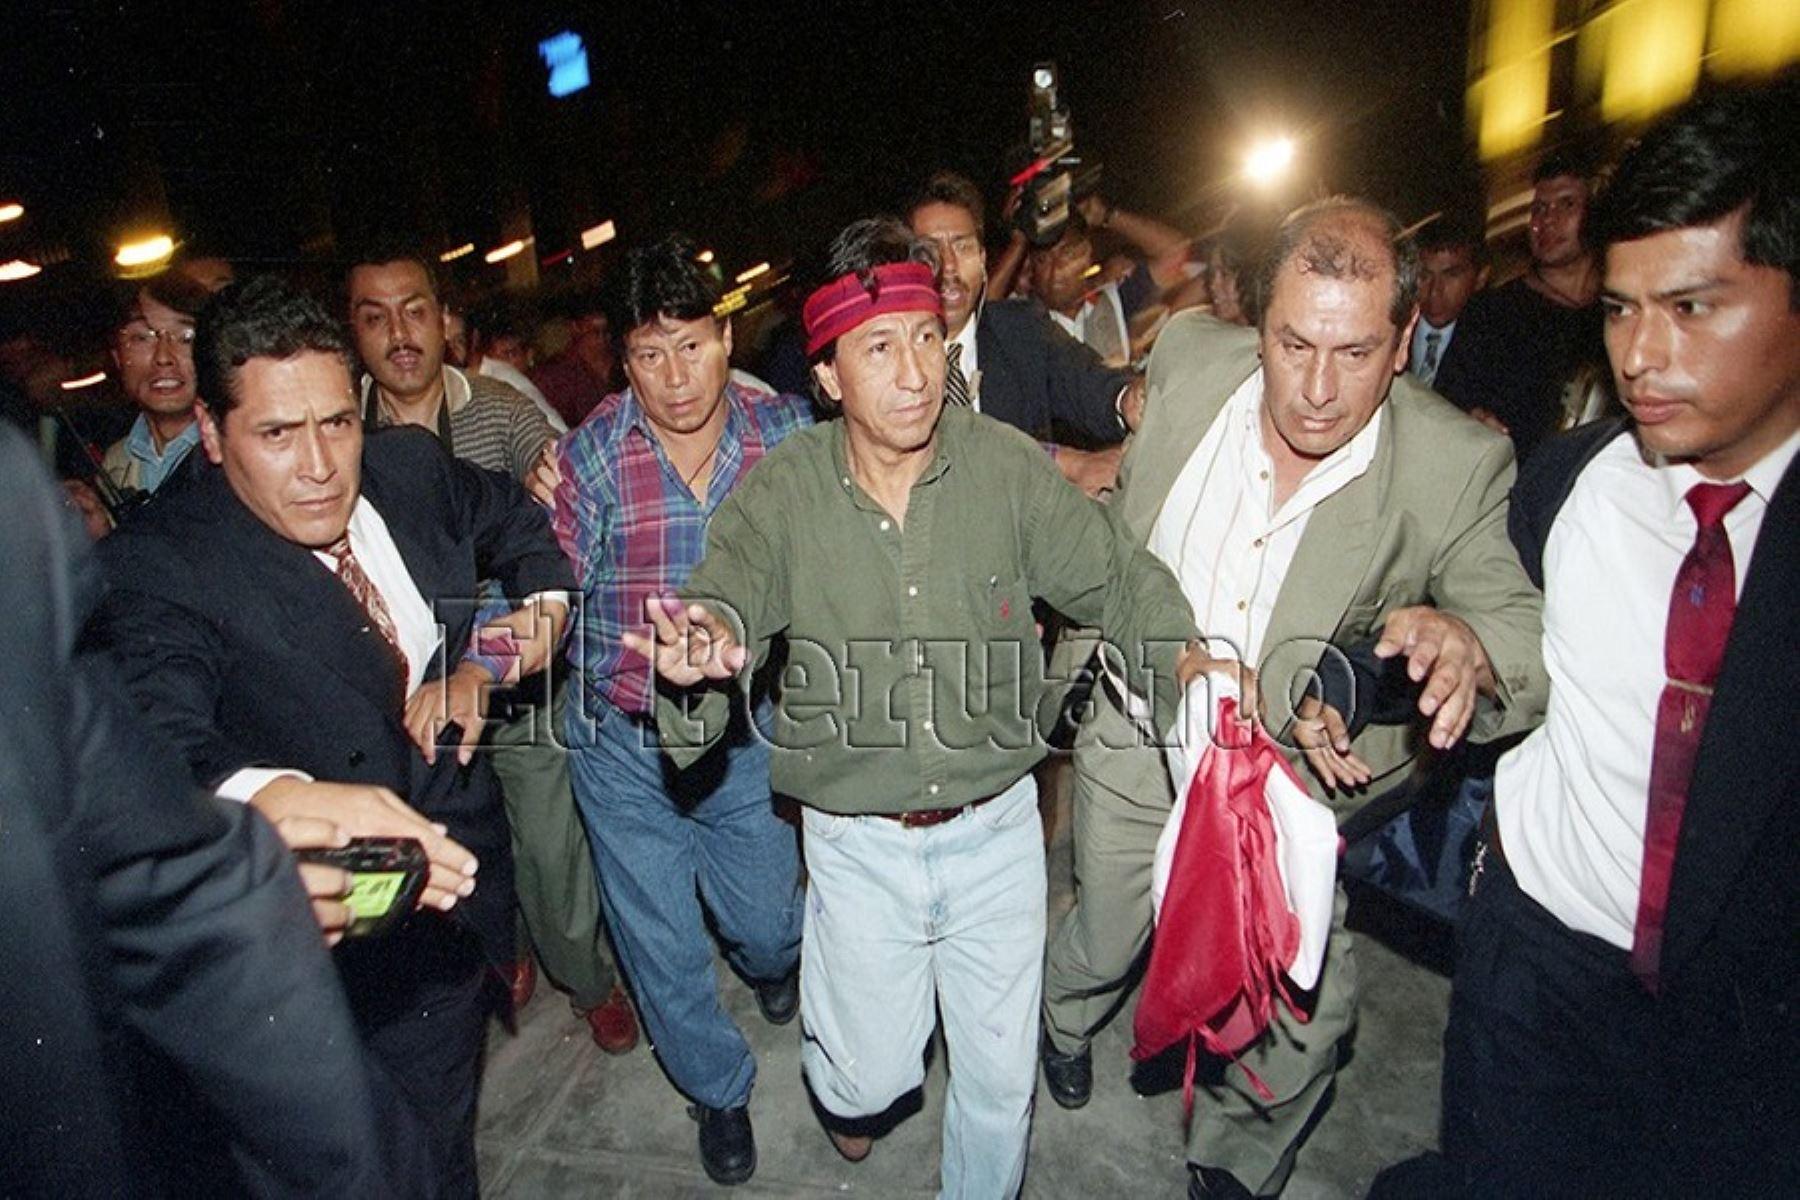 """Tras la victoria electoral de Alberto Fujimori, Toledo encabezó la denominada """"Marcha de los 4 suyos"""", una multitudinaria protesta que exigió nuevas elecciones. Toledo se consolidó como líder de la oposición. Foto: ANDINA"""